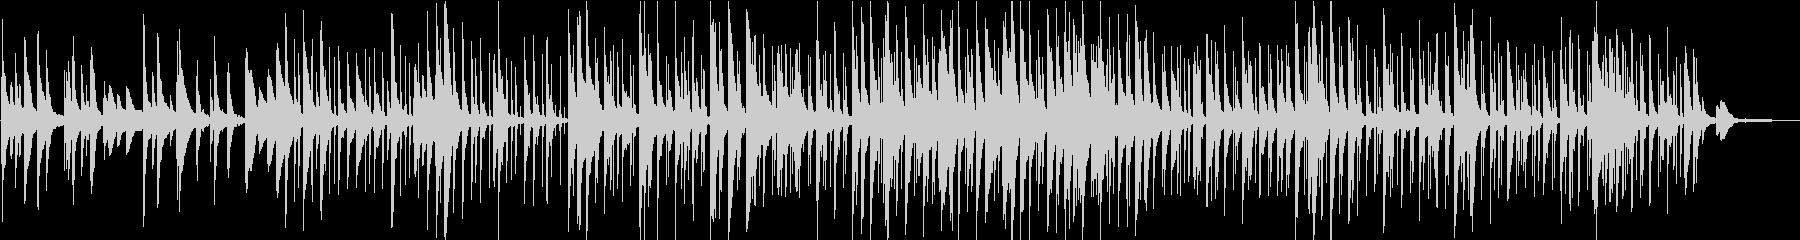 洋楽 美しいピアノのメロディ チルアウトの未再生の波形